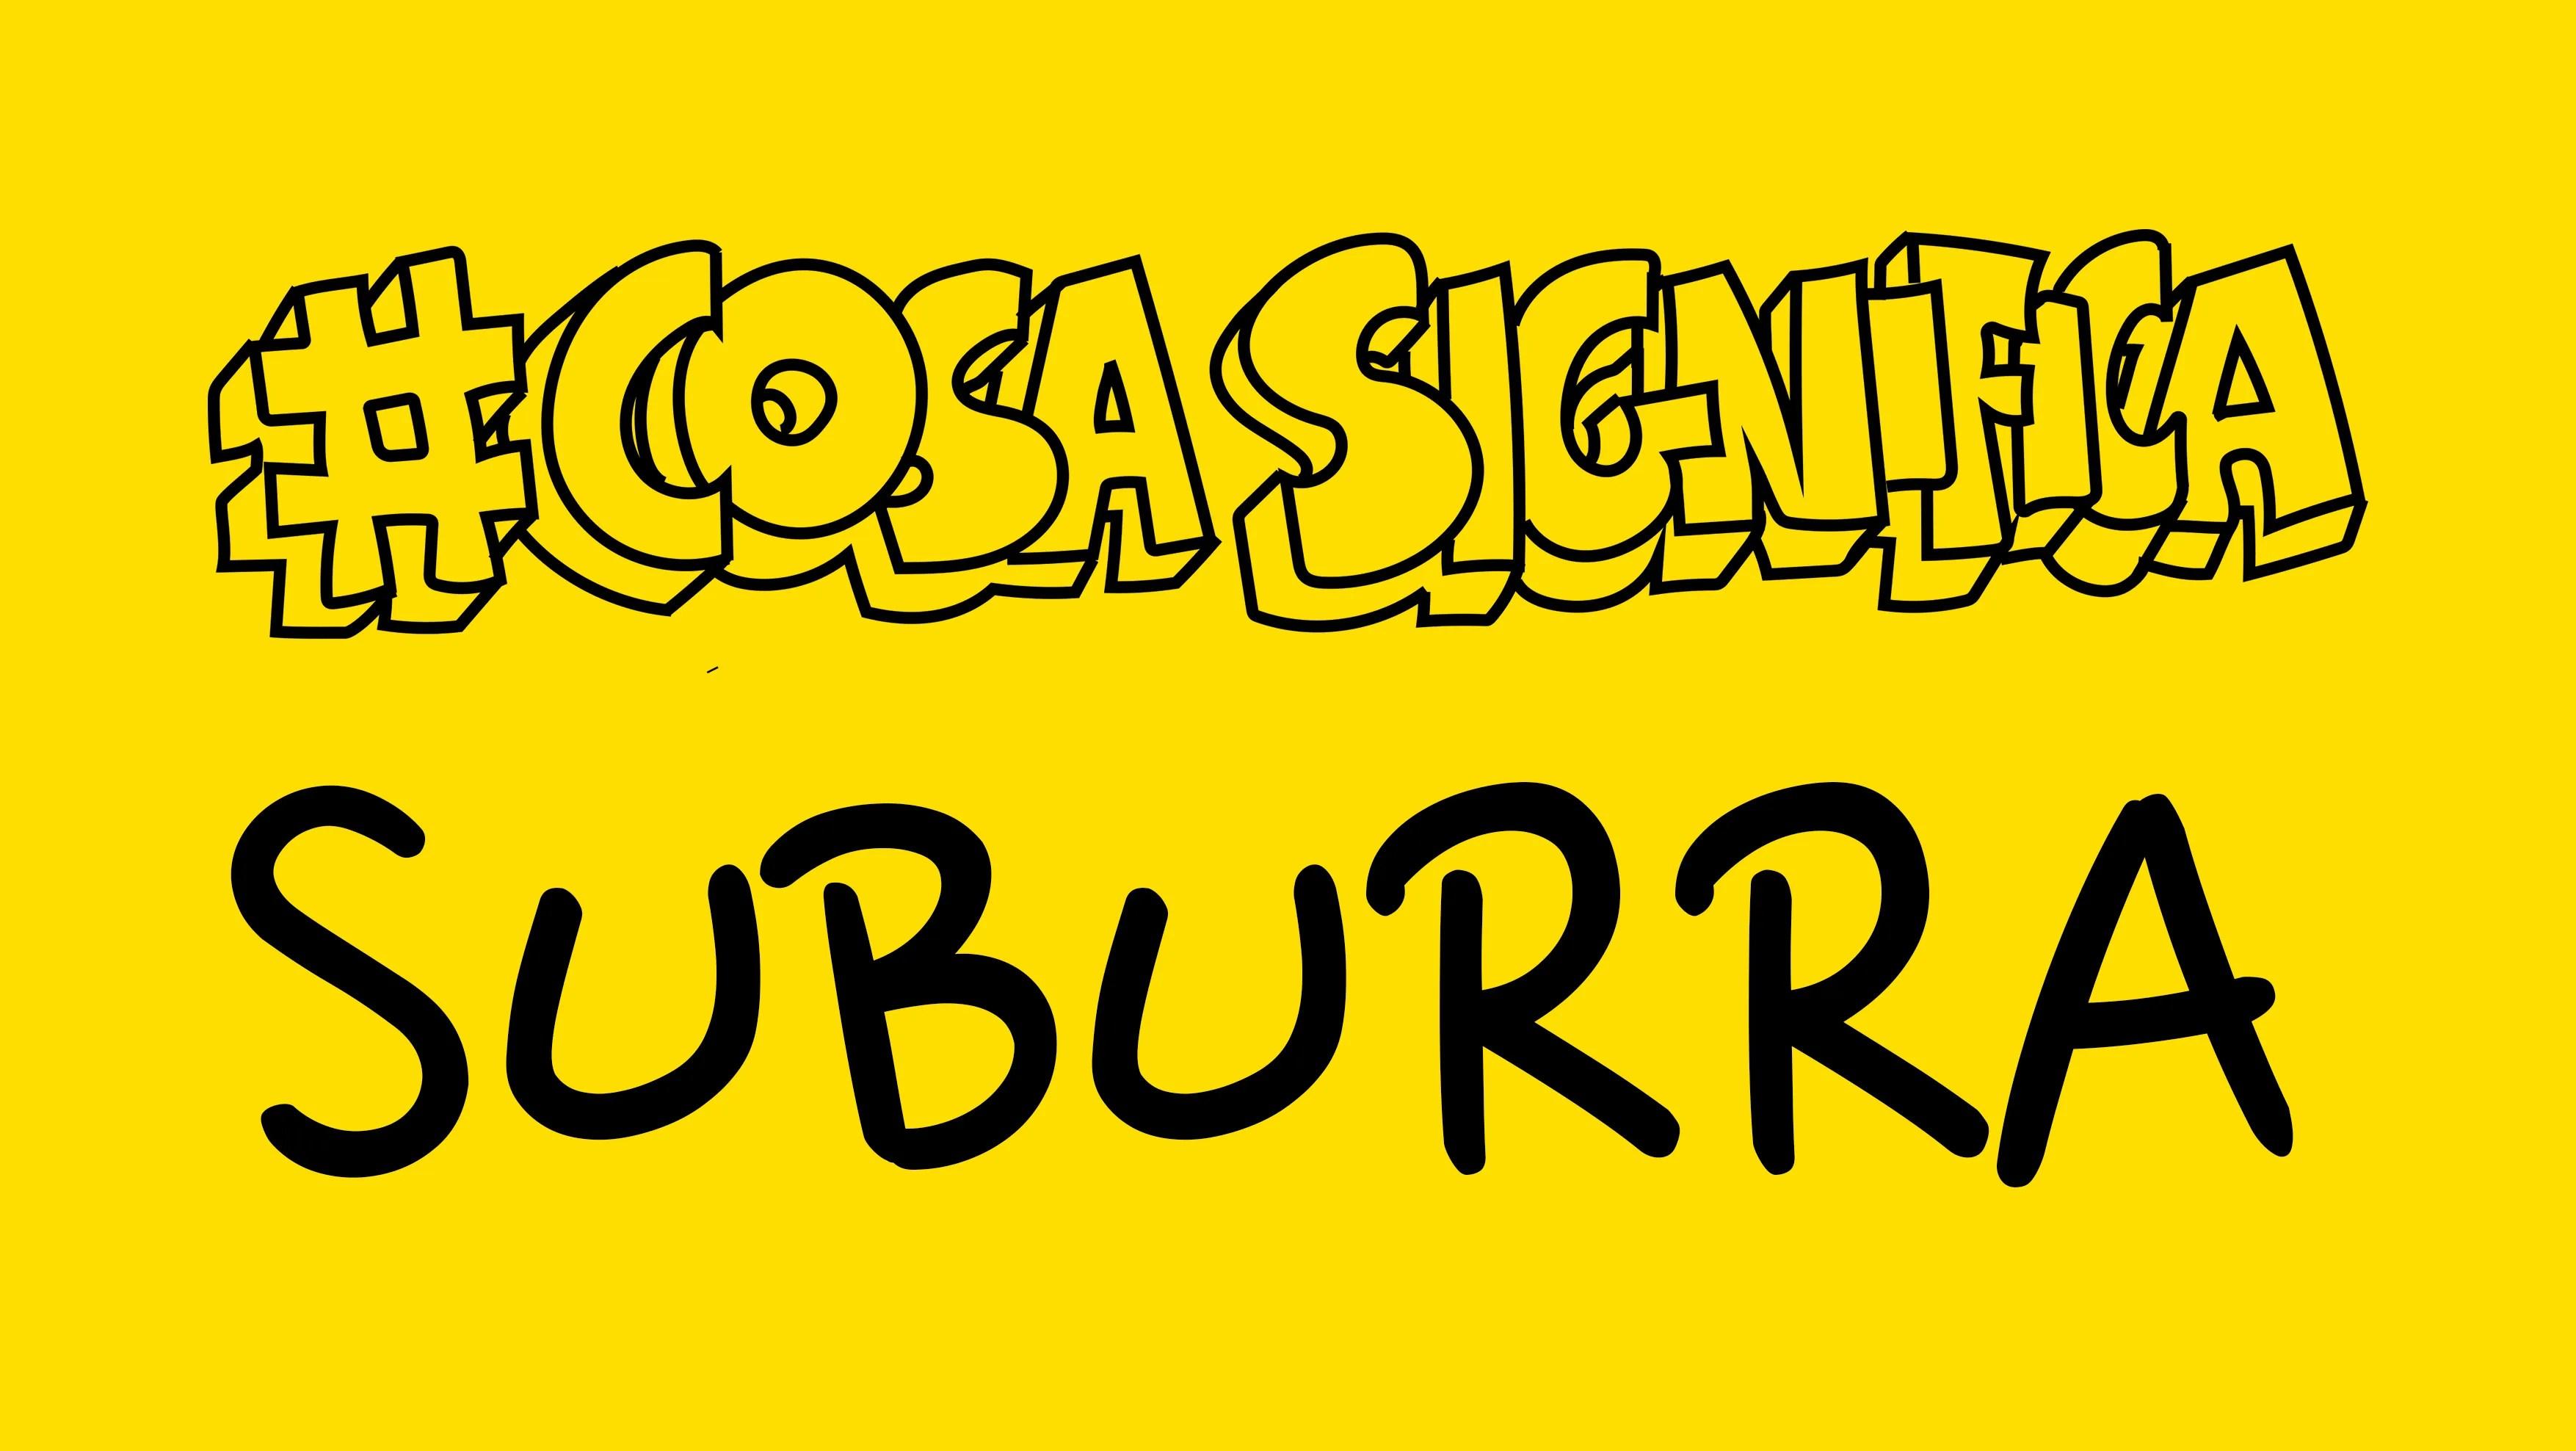 #COSASIGNIFICA SUBURRA? #TELOSPIEGO!